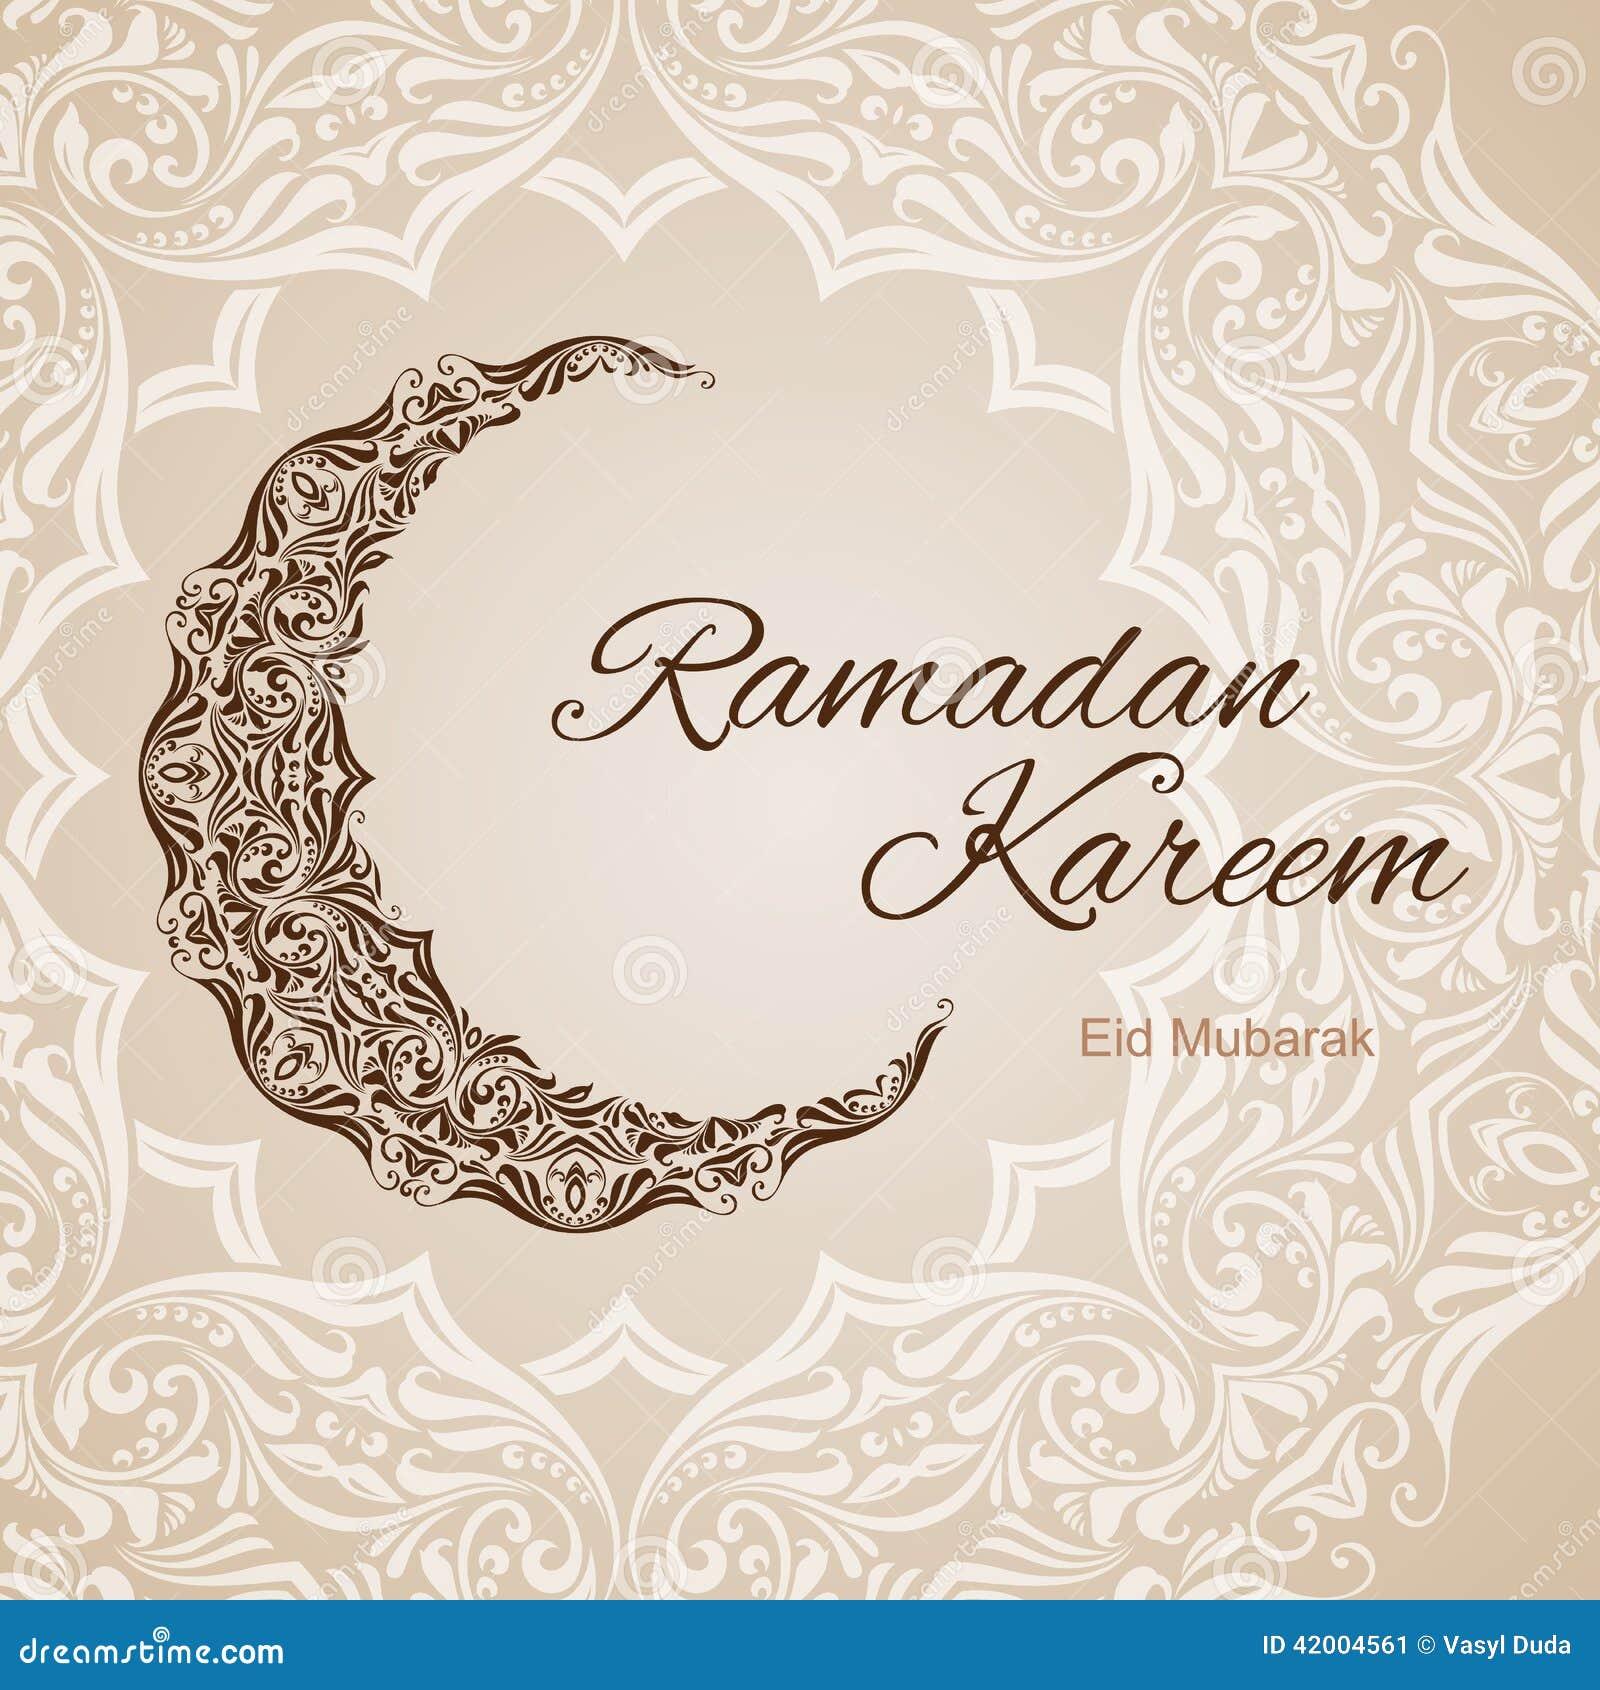 Ramadan kareem greeting card stock illustration illustration of ramadan kareem greeting card m4hsunfo Image collections